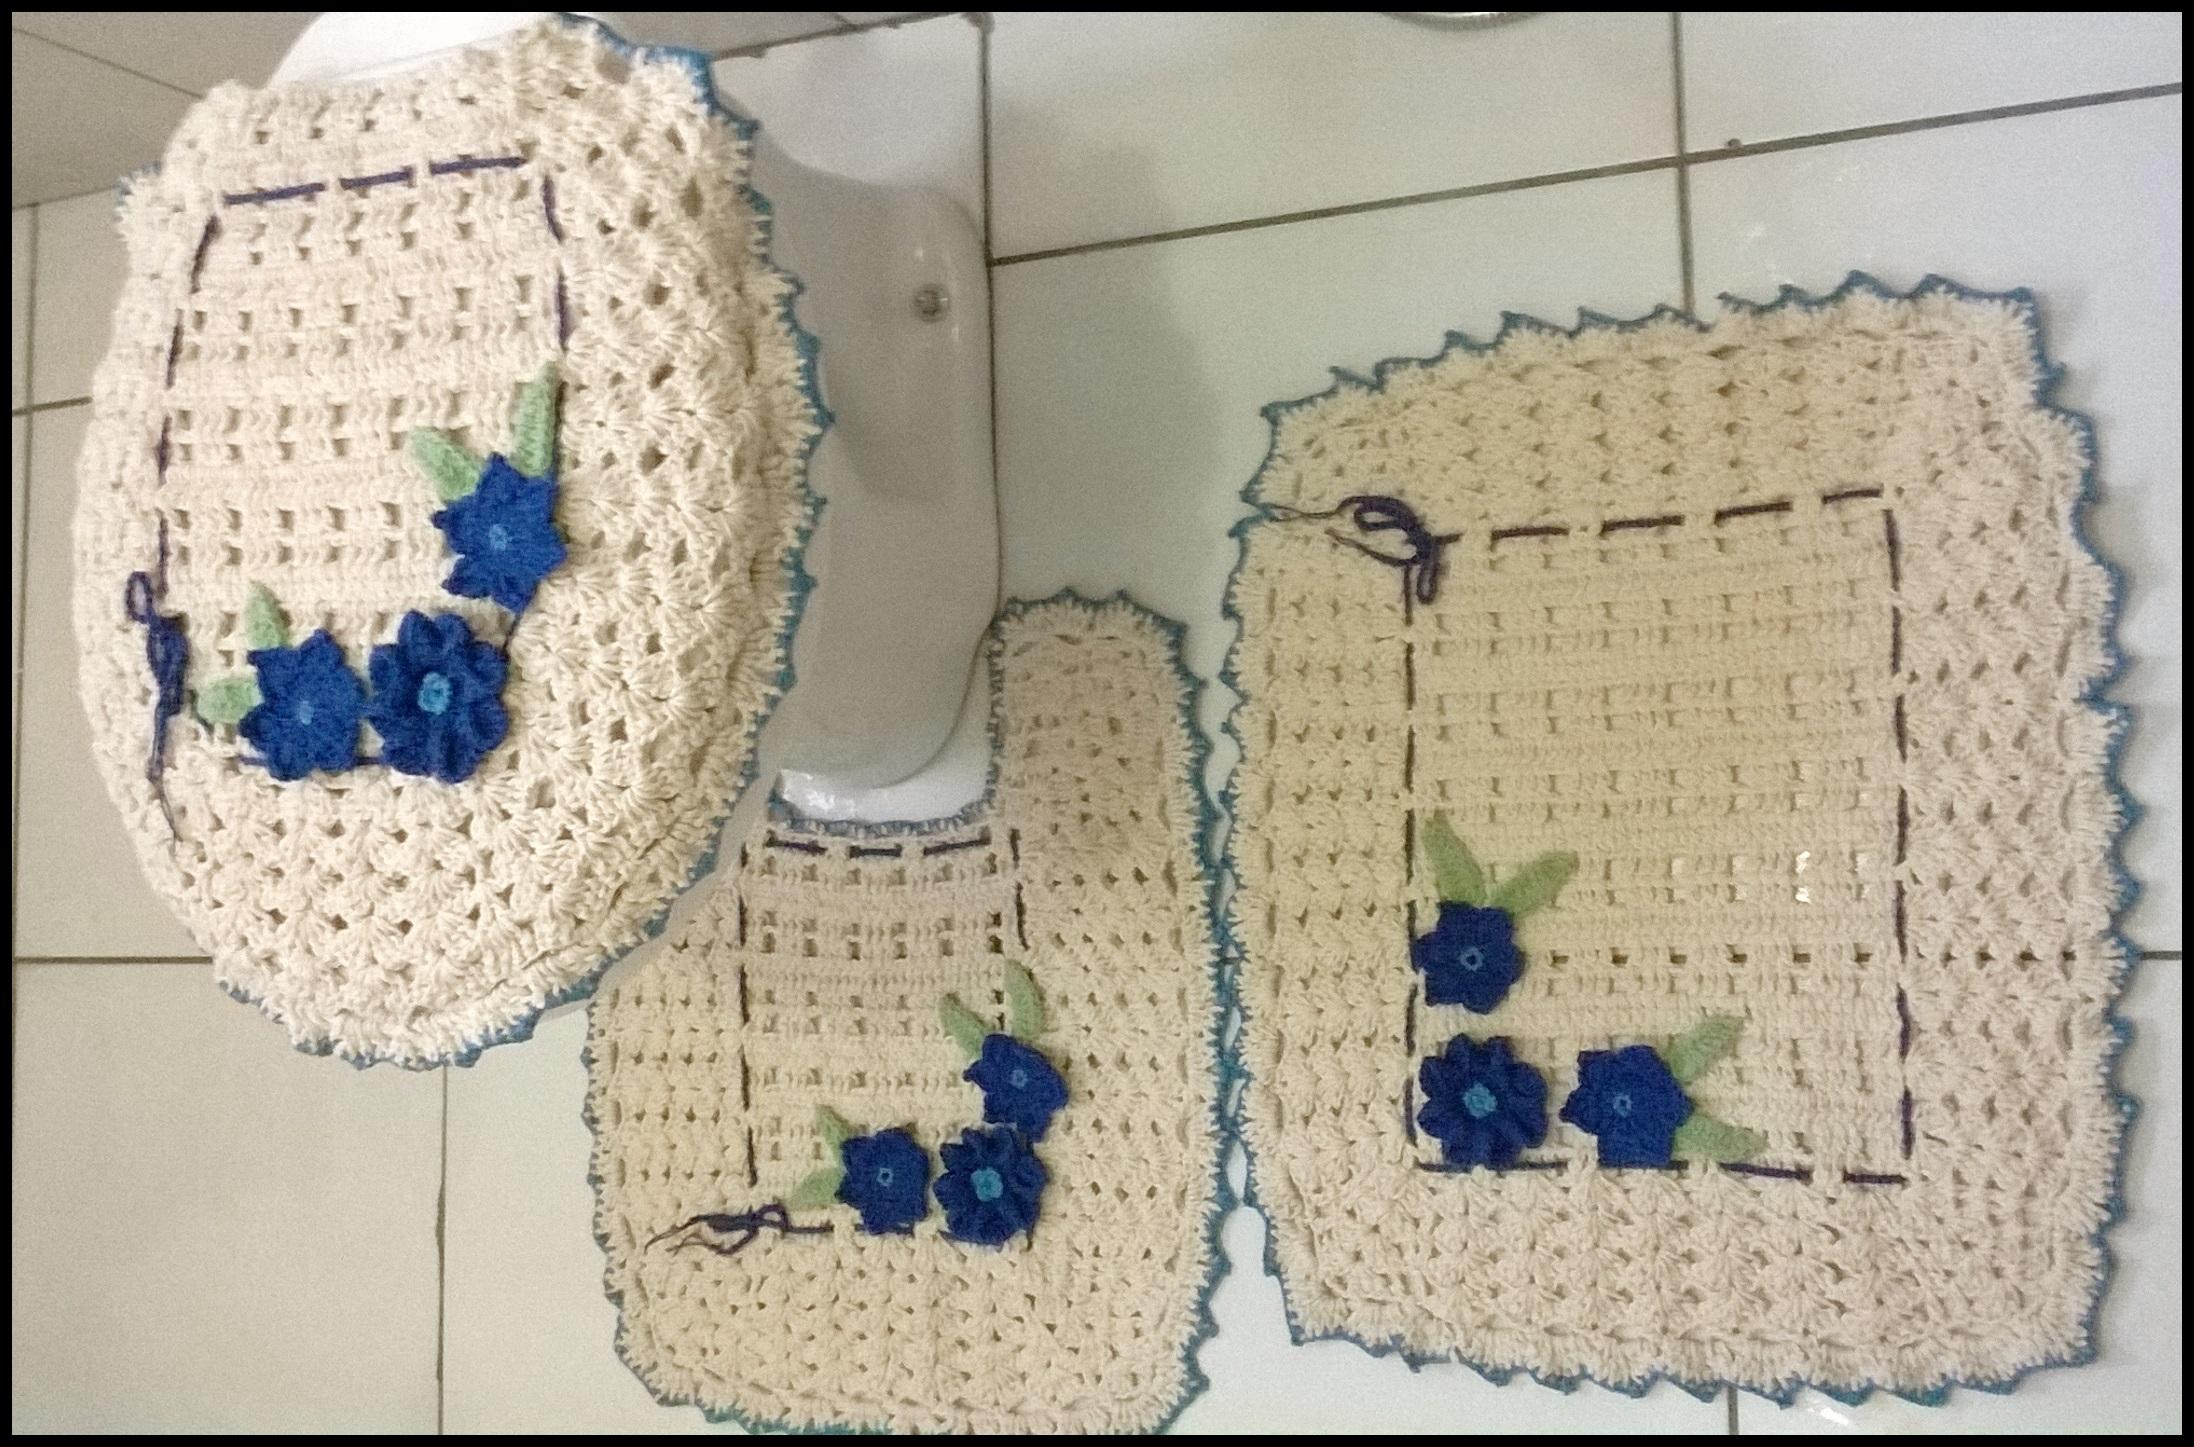 Flor Azul Tapete Jogo De Tapete Para Banheiro Flor Azul Banheiro Jogo  #1D396C 2194x1447 Banheiro Com Azul